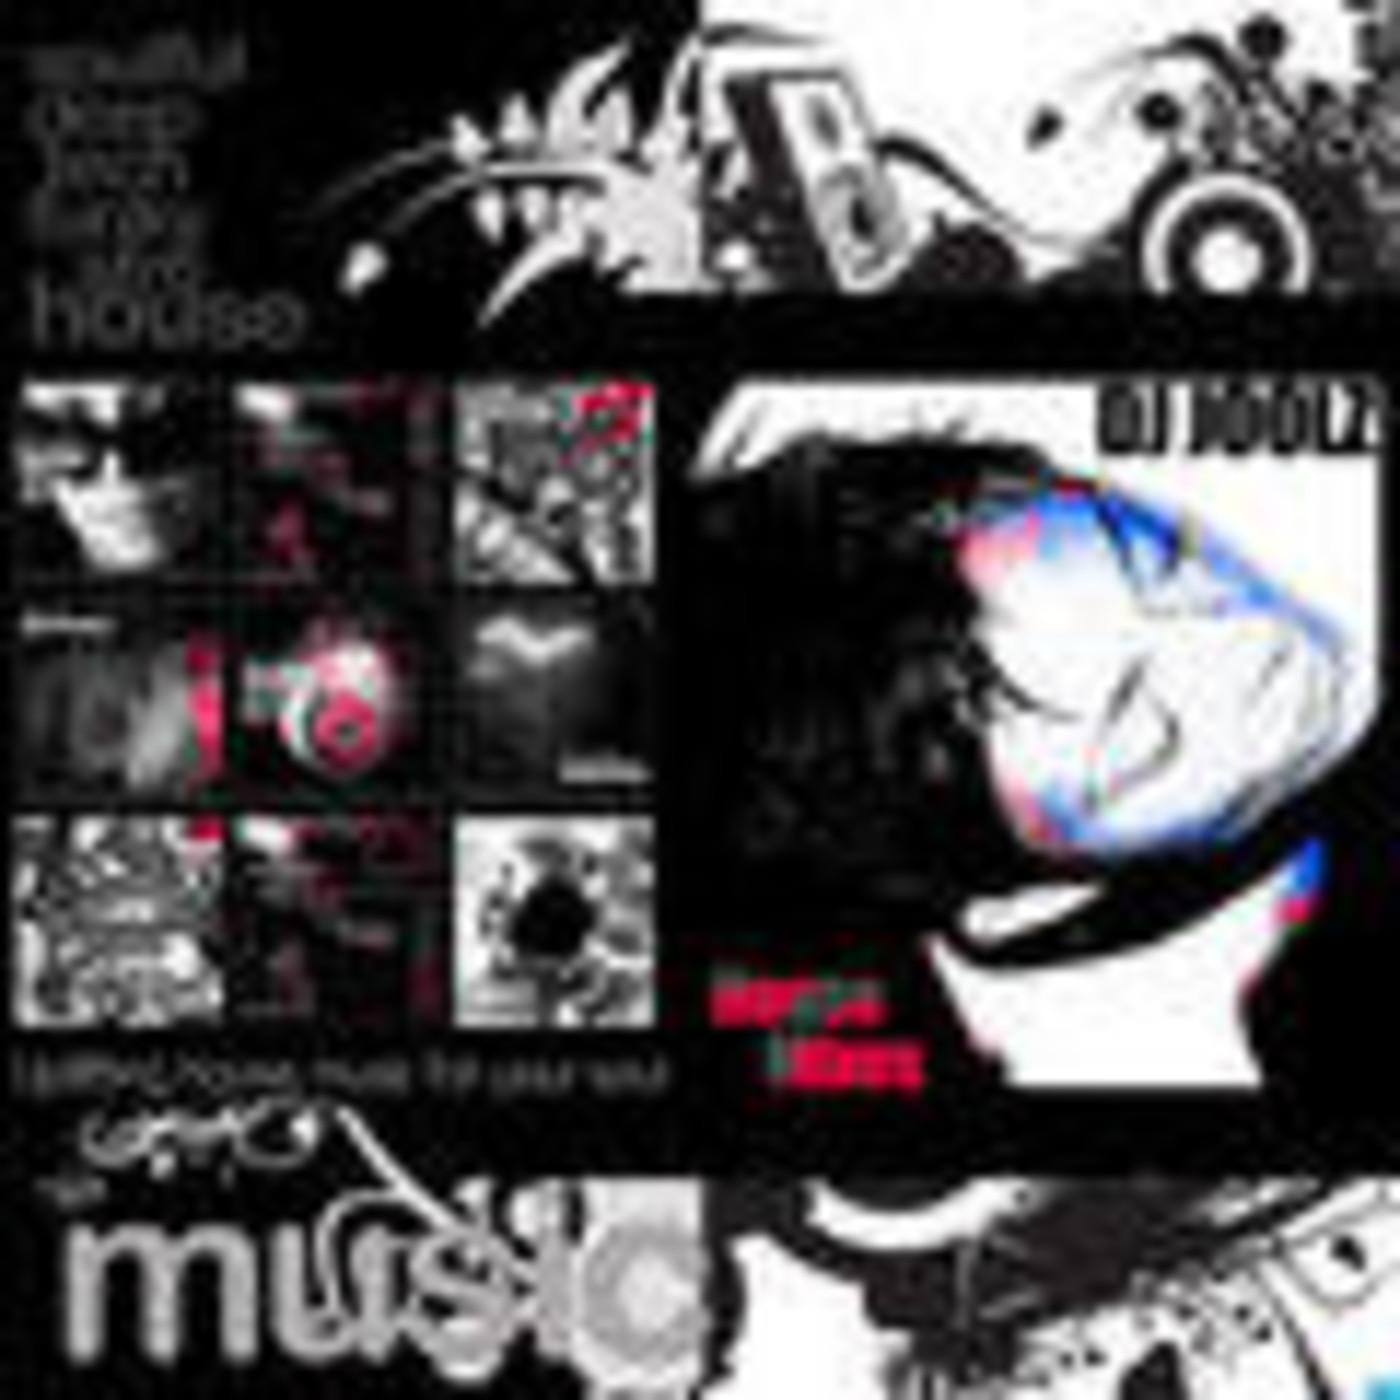 DJ Joolz - Soulful House, Deep